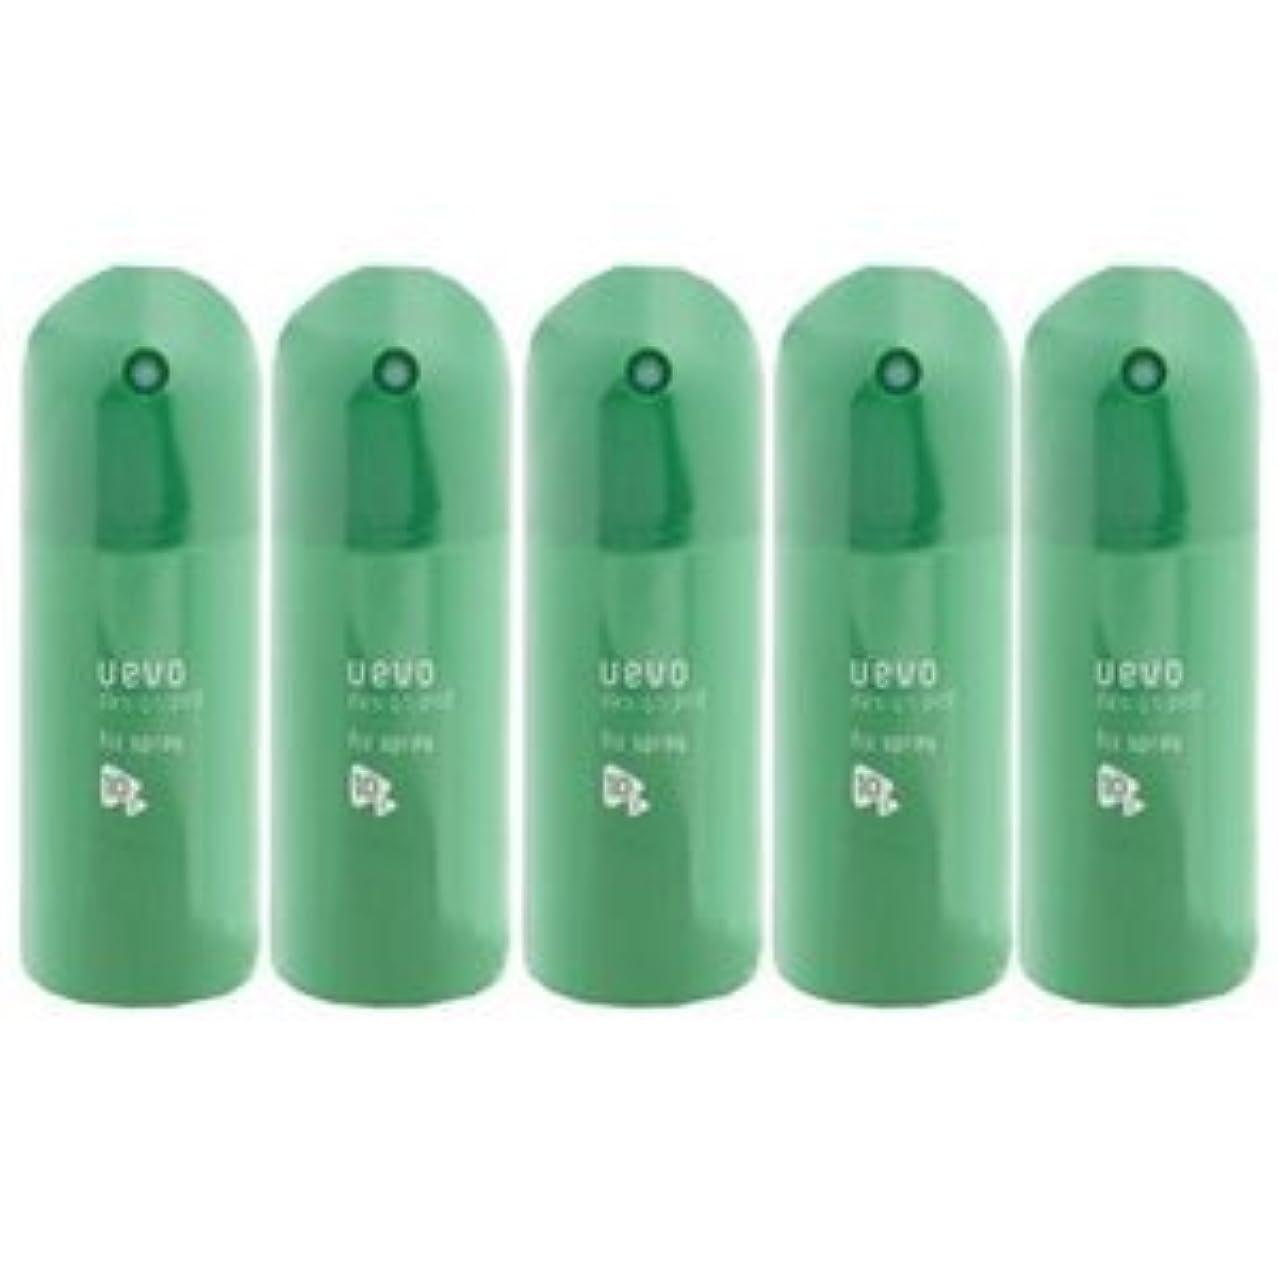 バズ排除する驚いた【X5個セット】 デミ ウェーボ デザインポッド フィックススプレー 220ml fix spray